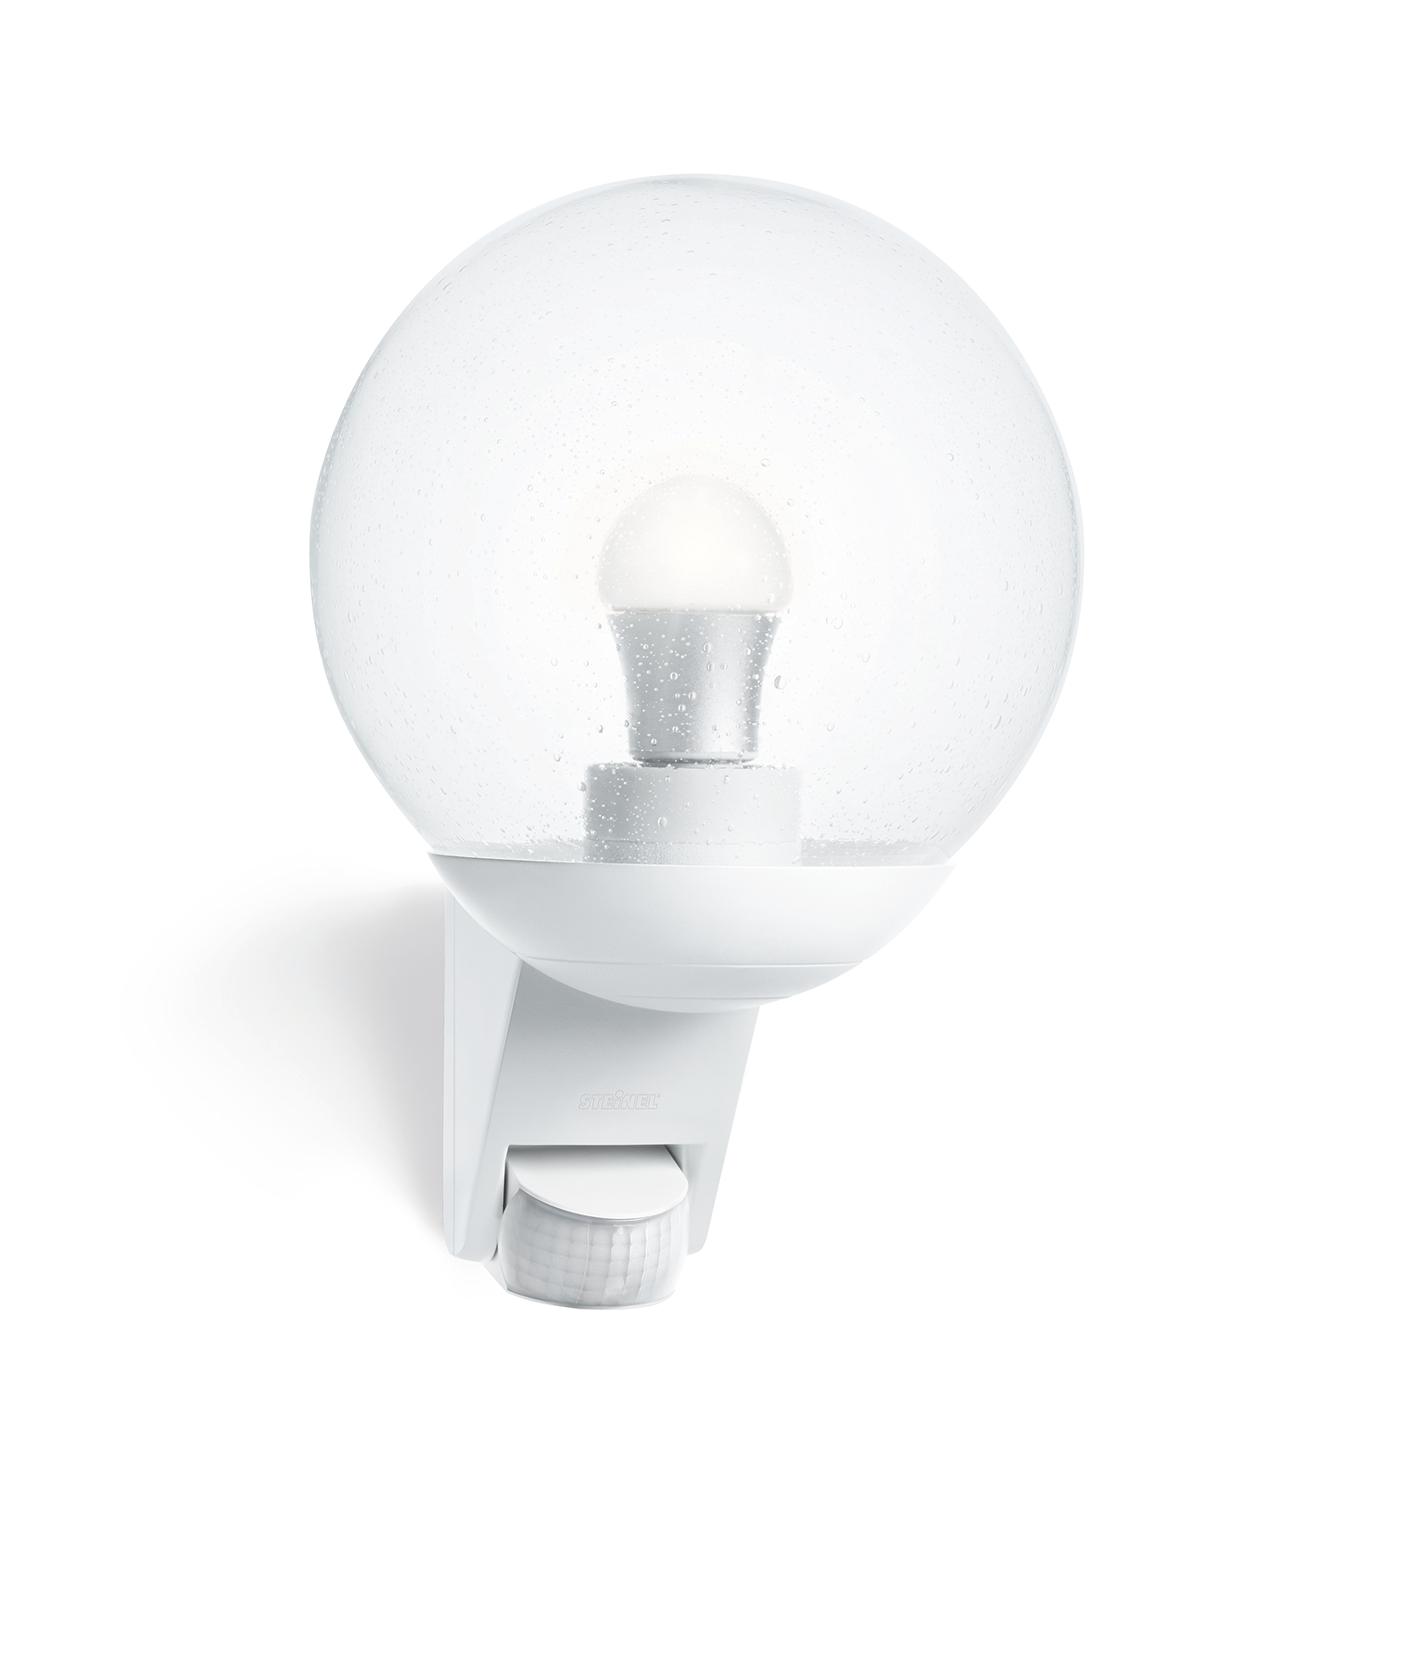 Berömda Sensorlampor - Lampor & belysning med rörelsedetektor utomhus YP-84